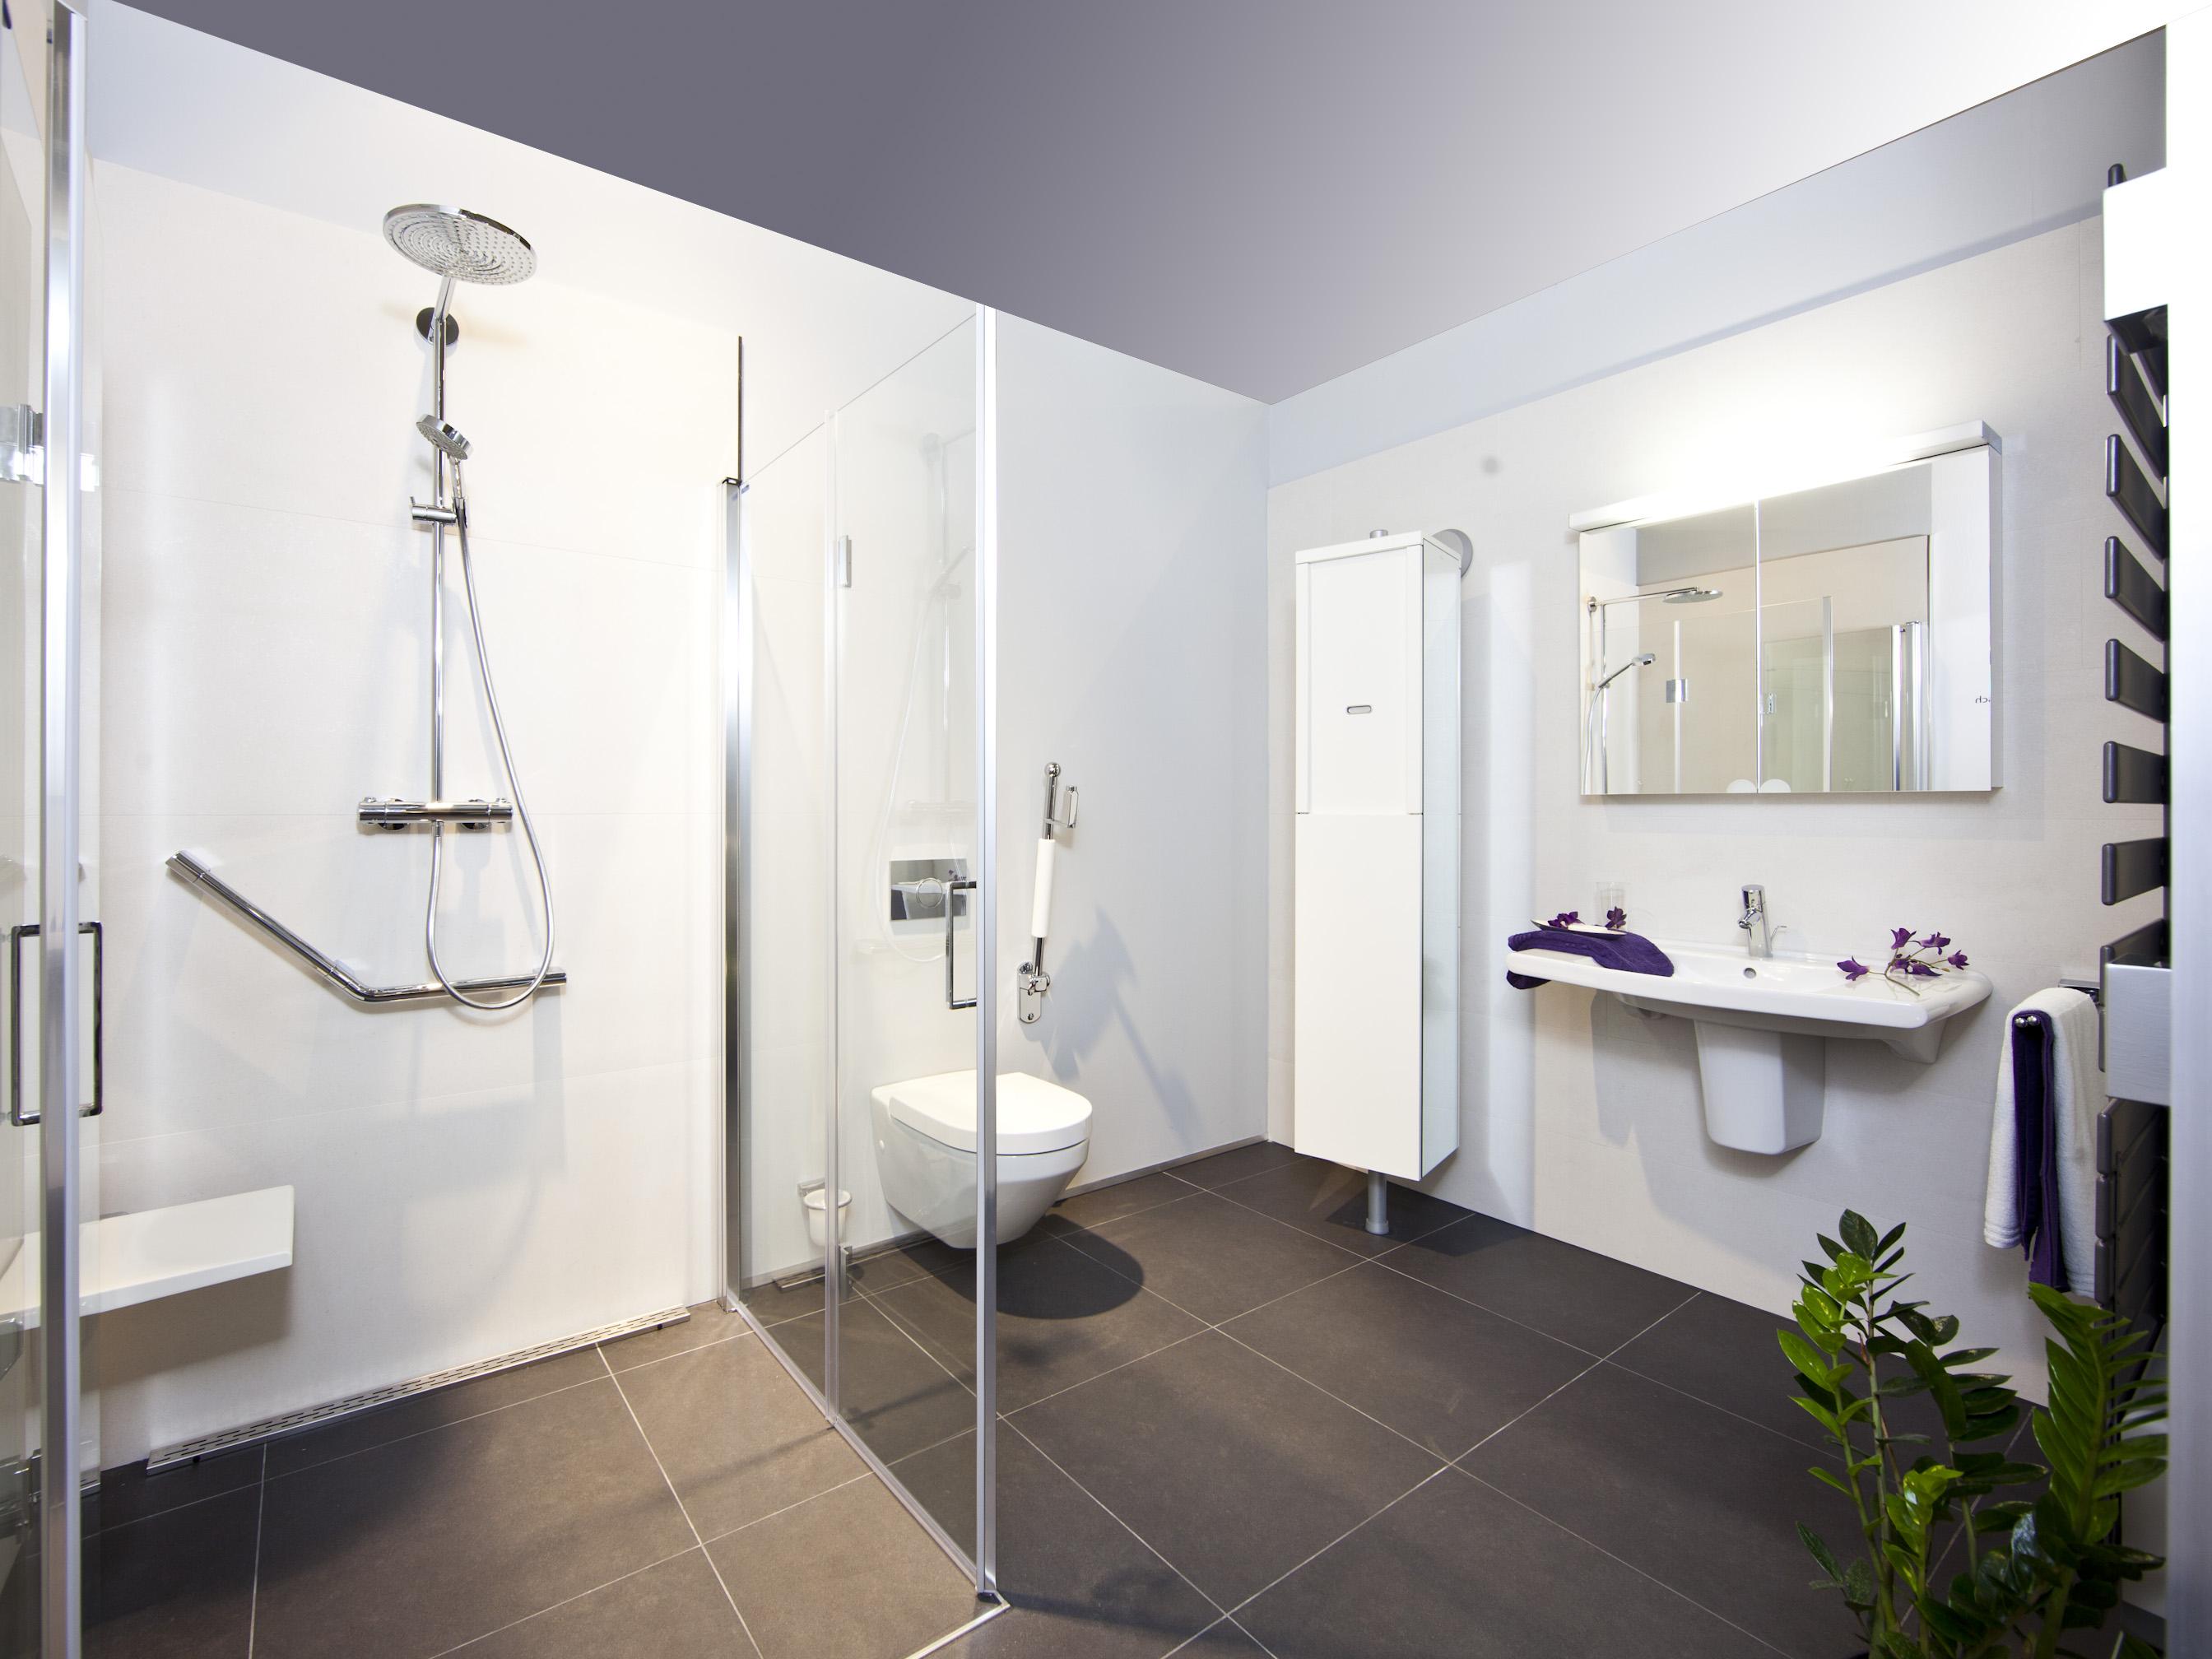 Badezimmer Sanierung  Installateur RH-Installationen  15 Wien